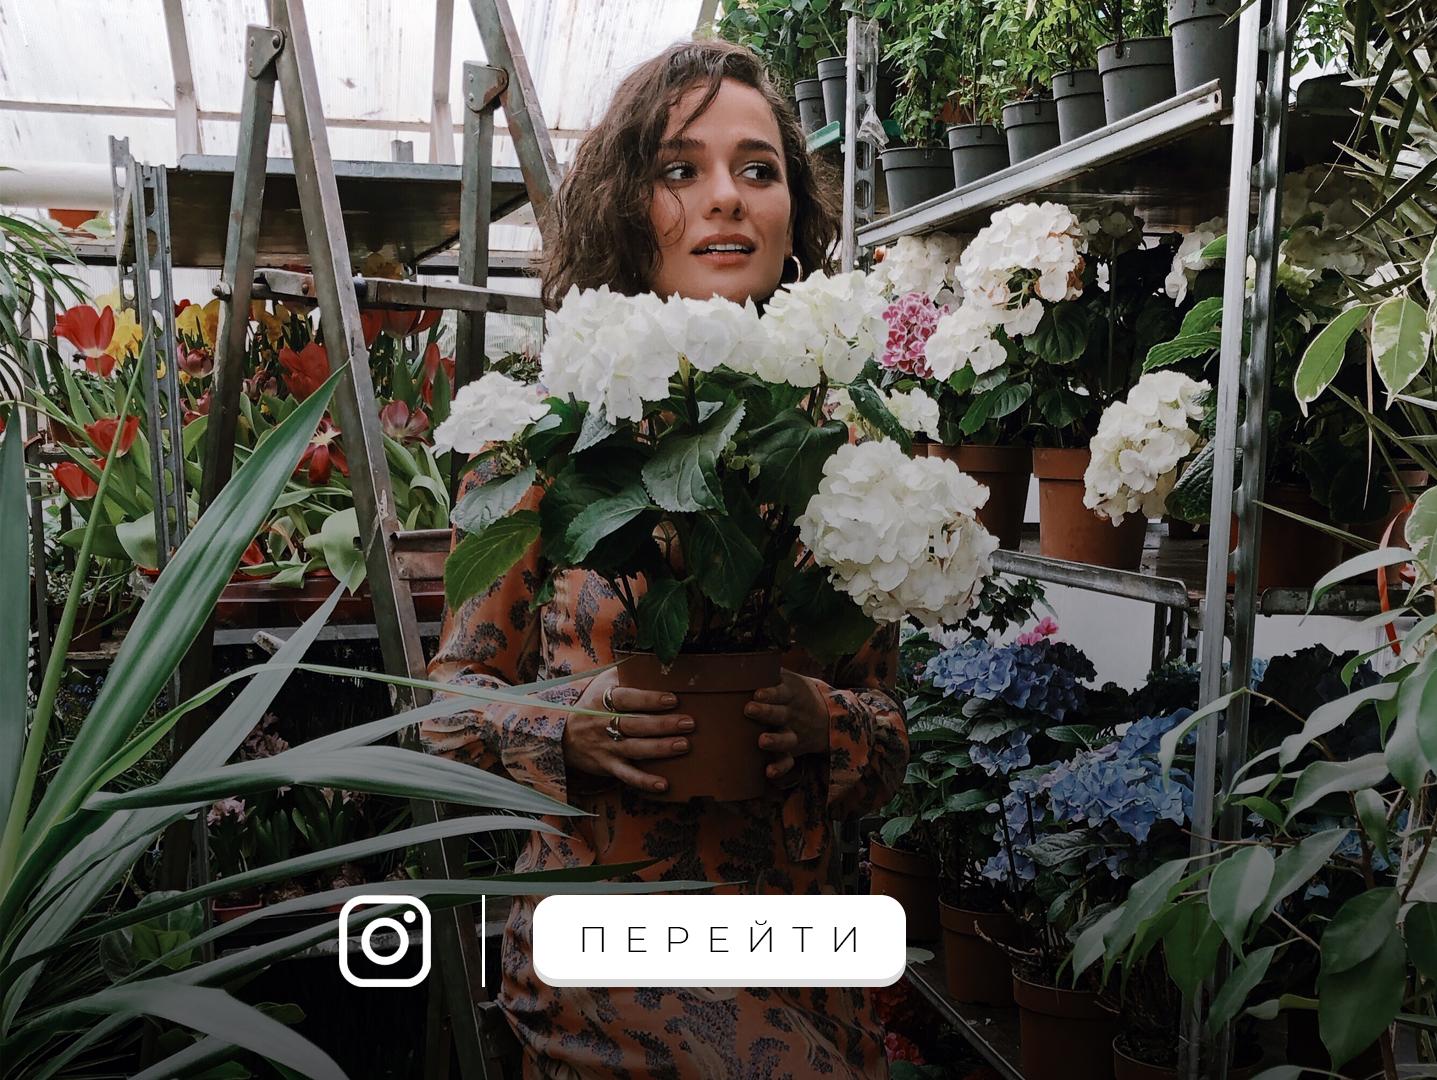 Официальный Instagram Маргариты Мурадовой